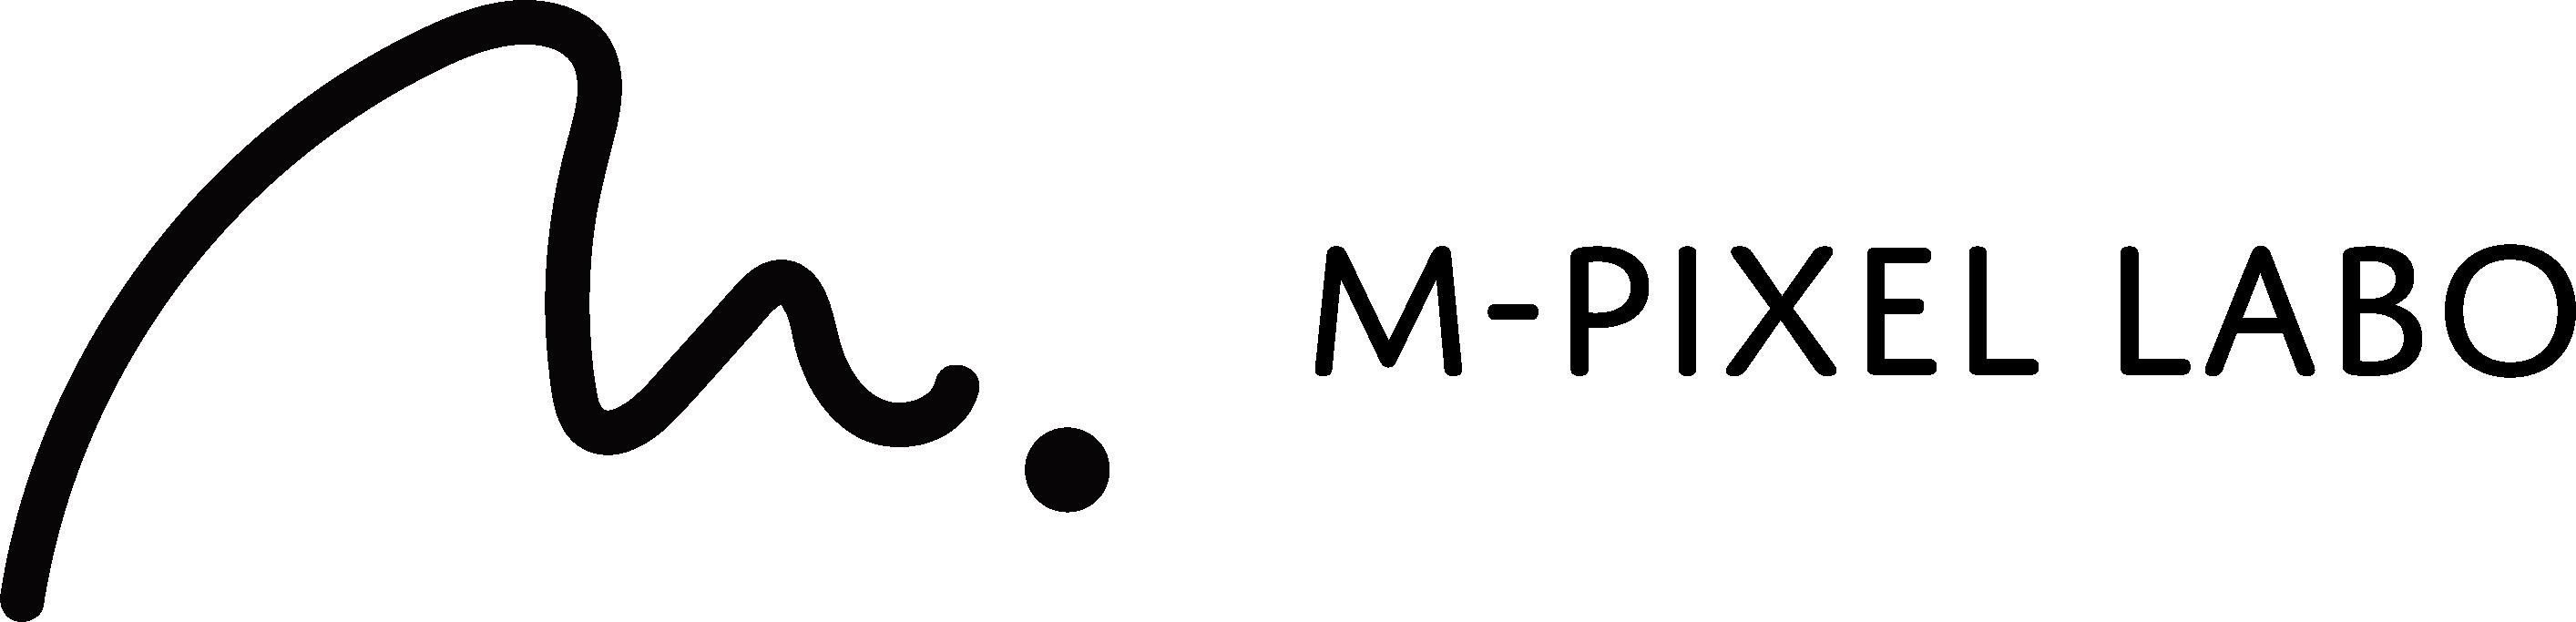 m-pixel labo